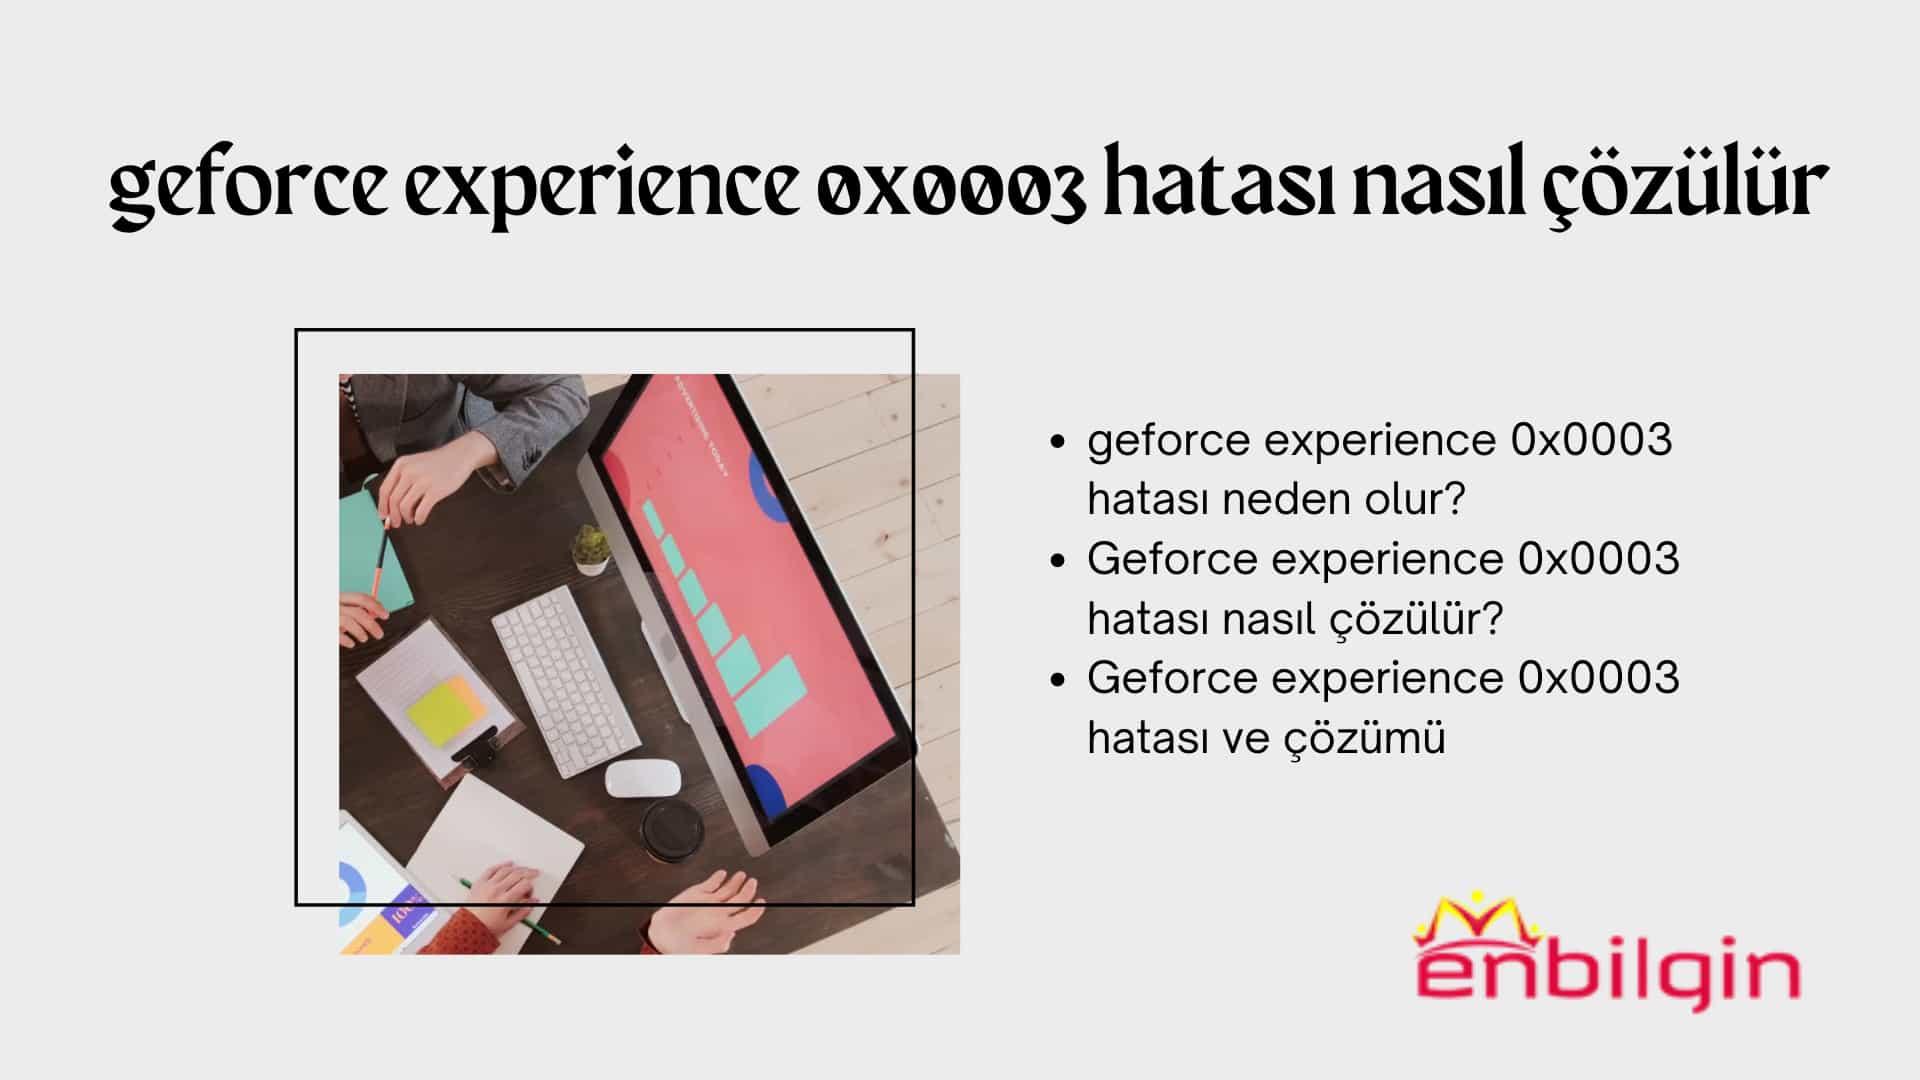 geforce experience 0x0003 hatası neden olur